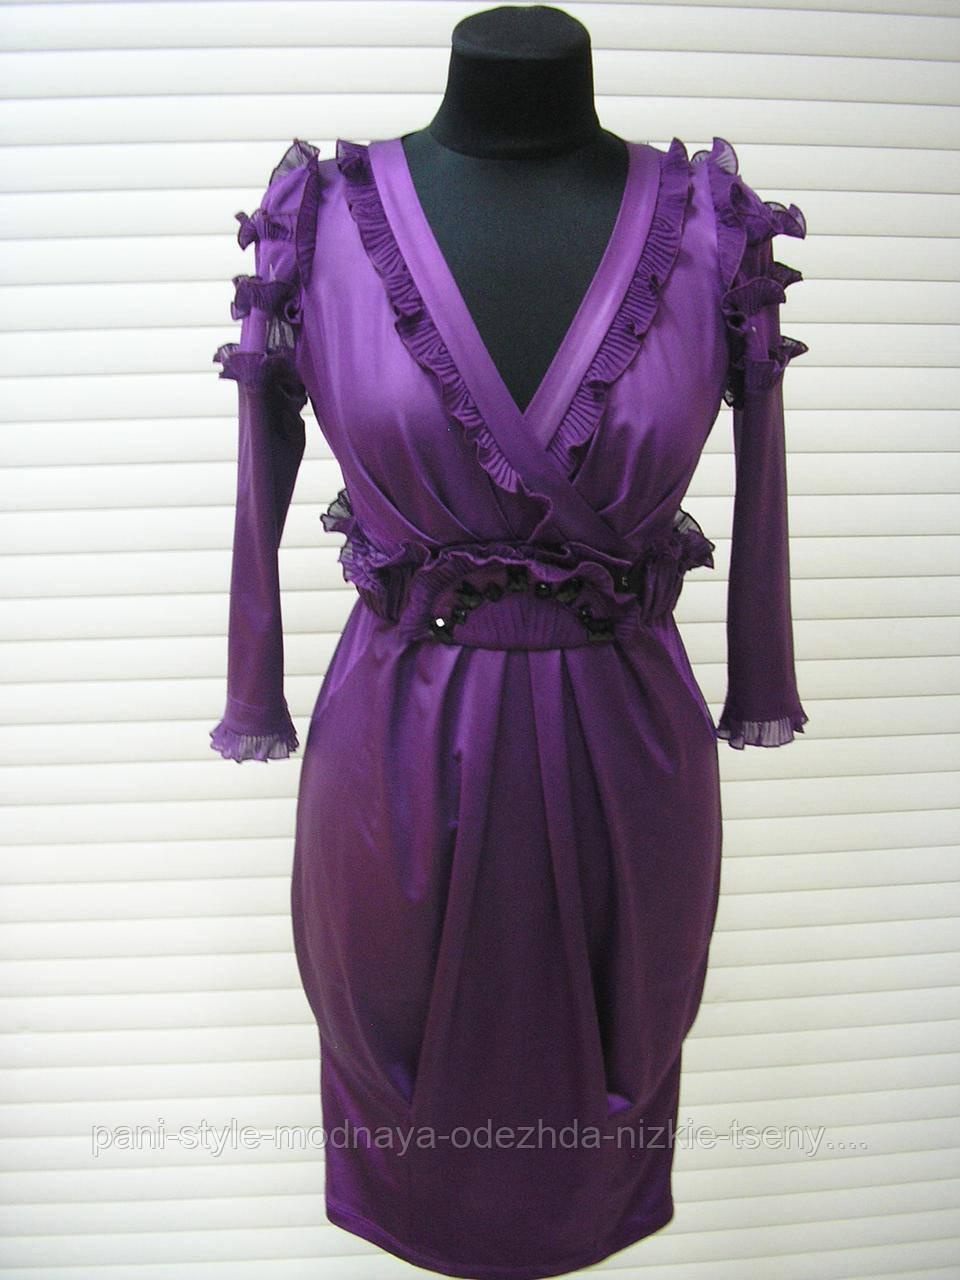 Сукня молодіжна коротка, вставки сітка, плаття нарядне, красиве, сукня святкова